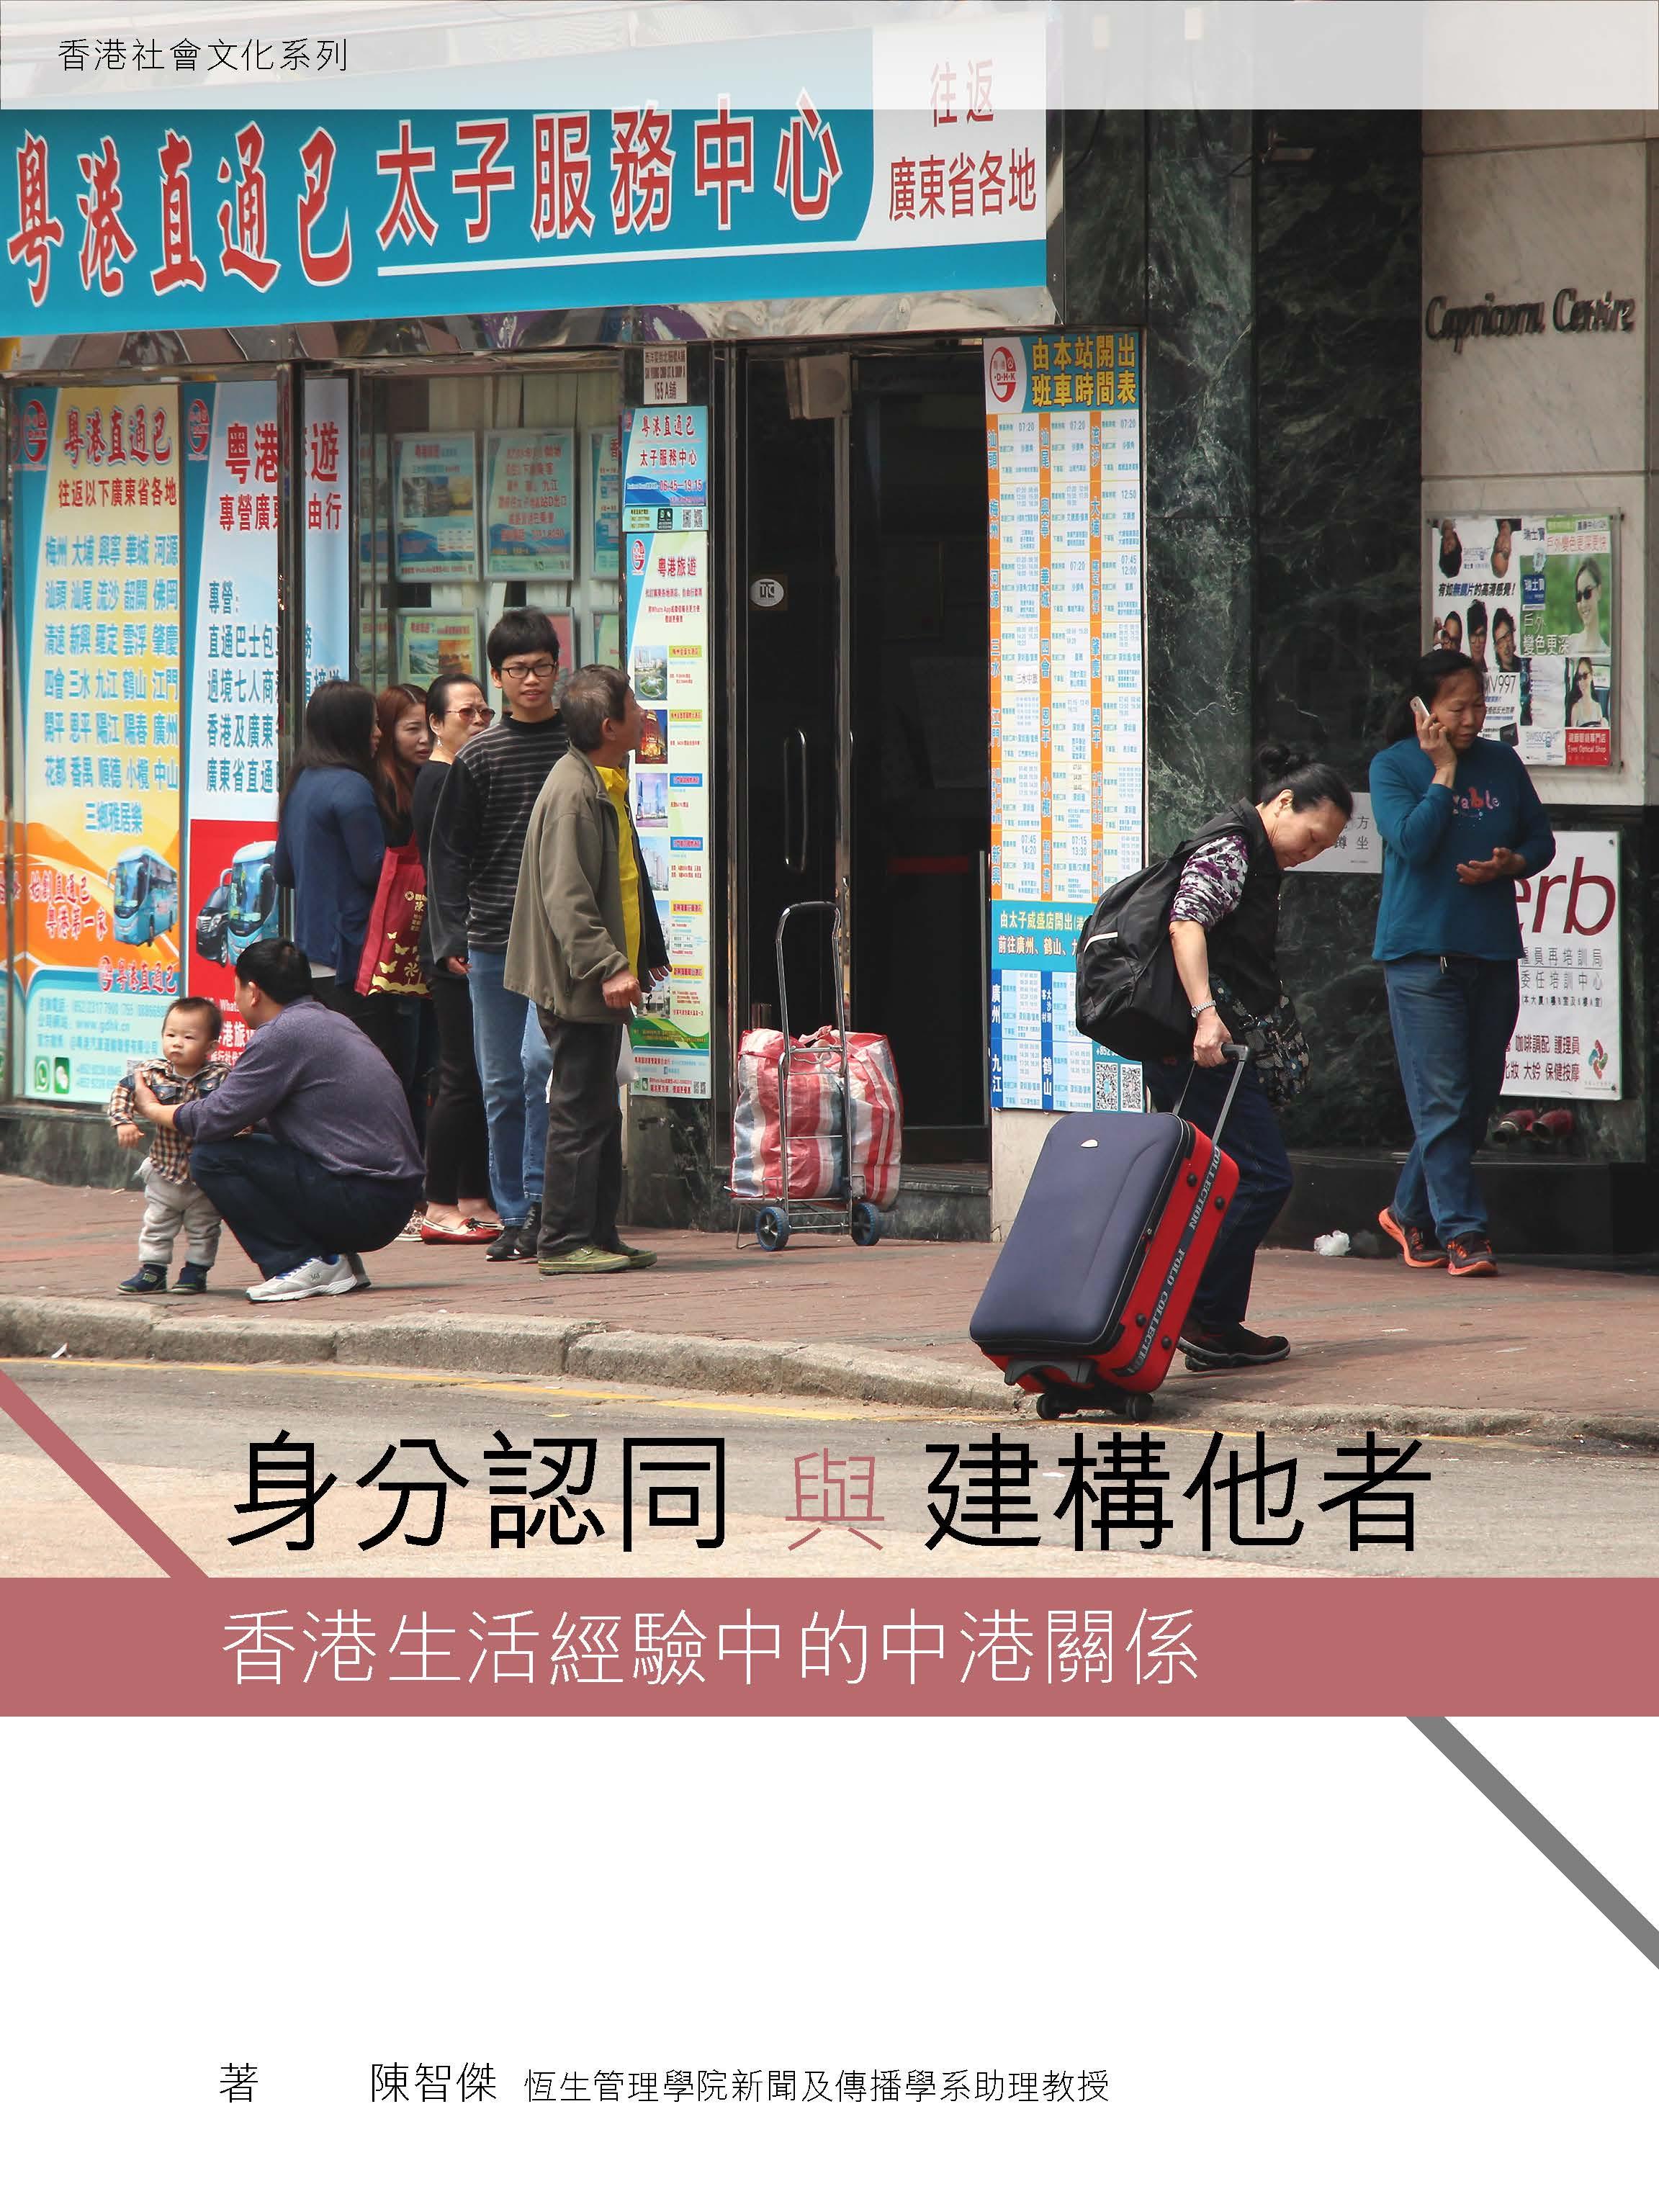 HKSCS-010-cck